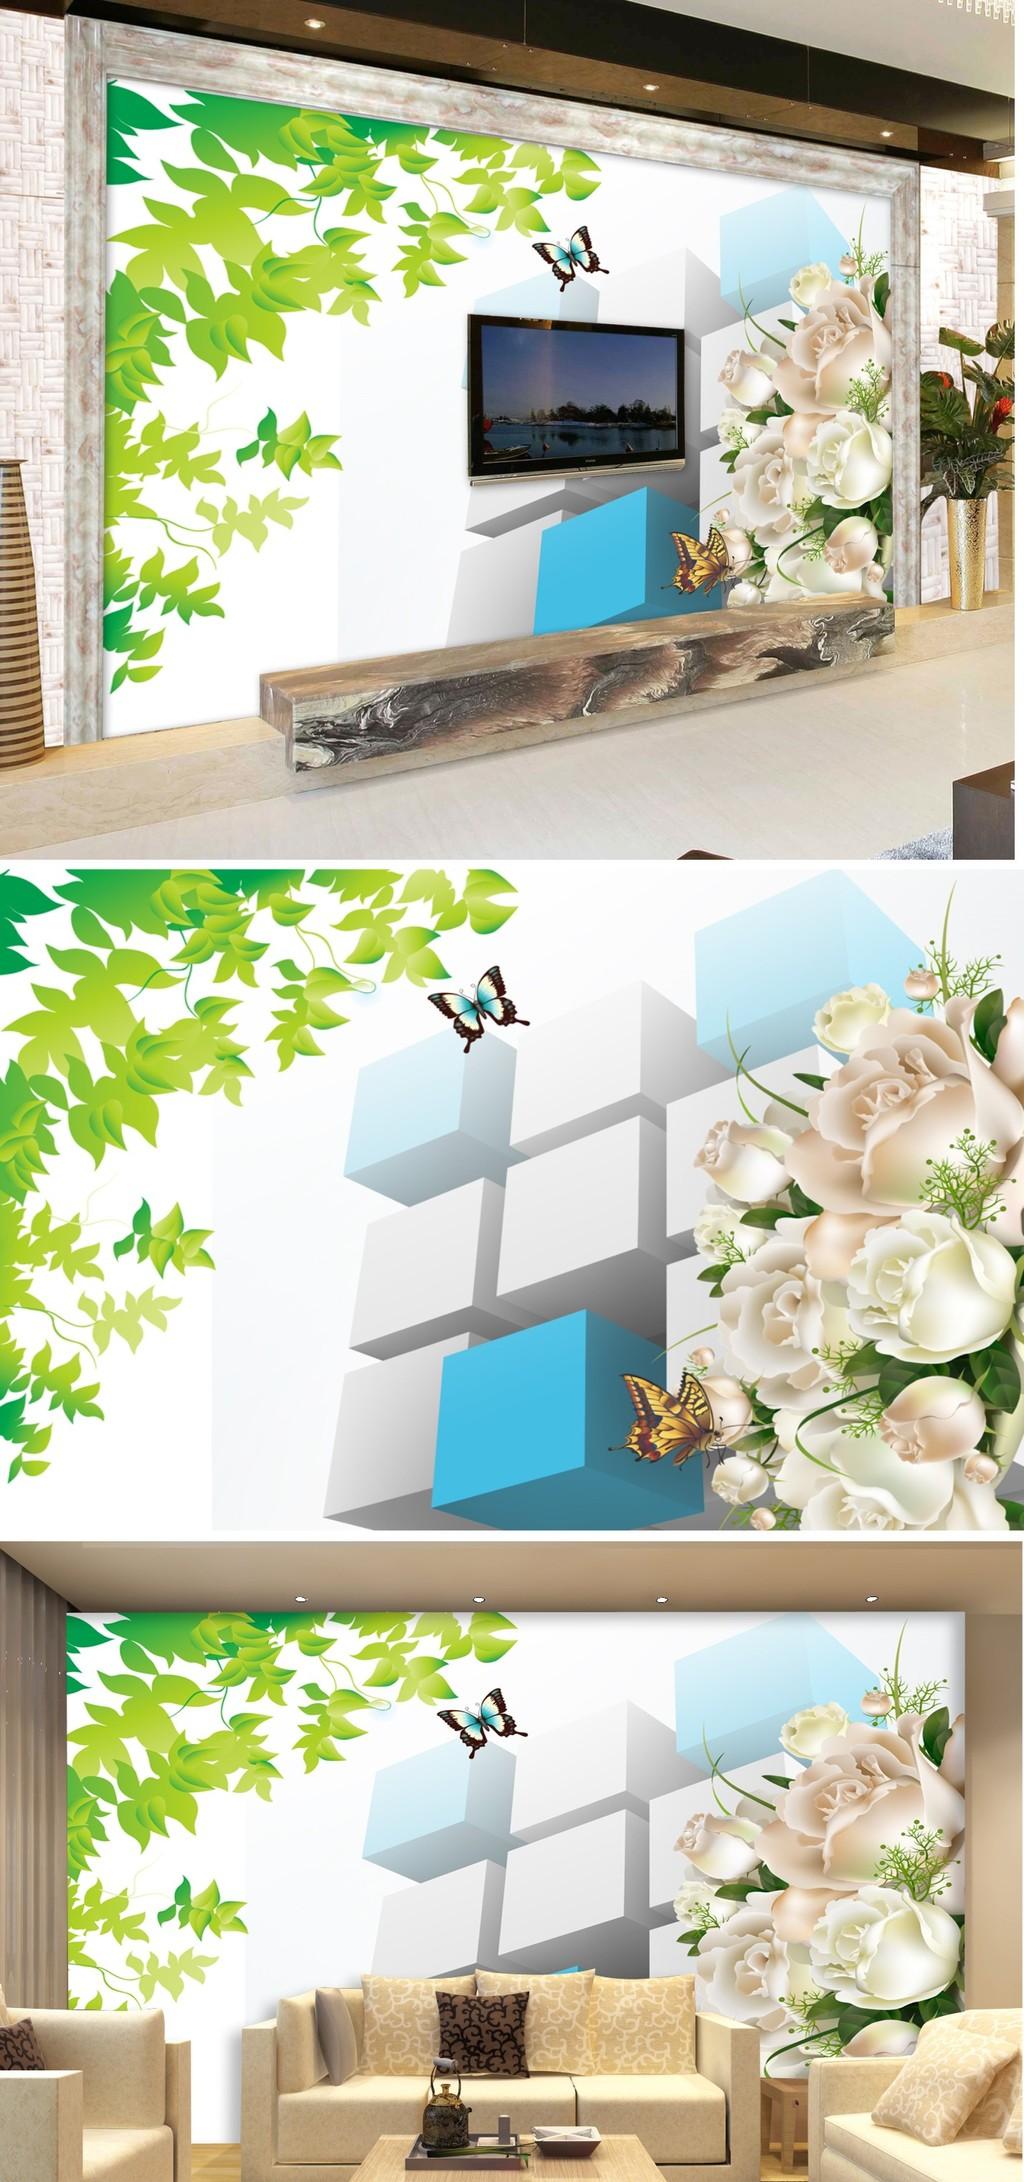 3d方块手绘树叶玫瑰花壁画